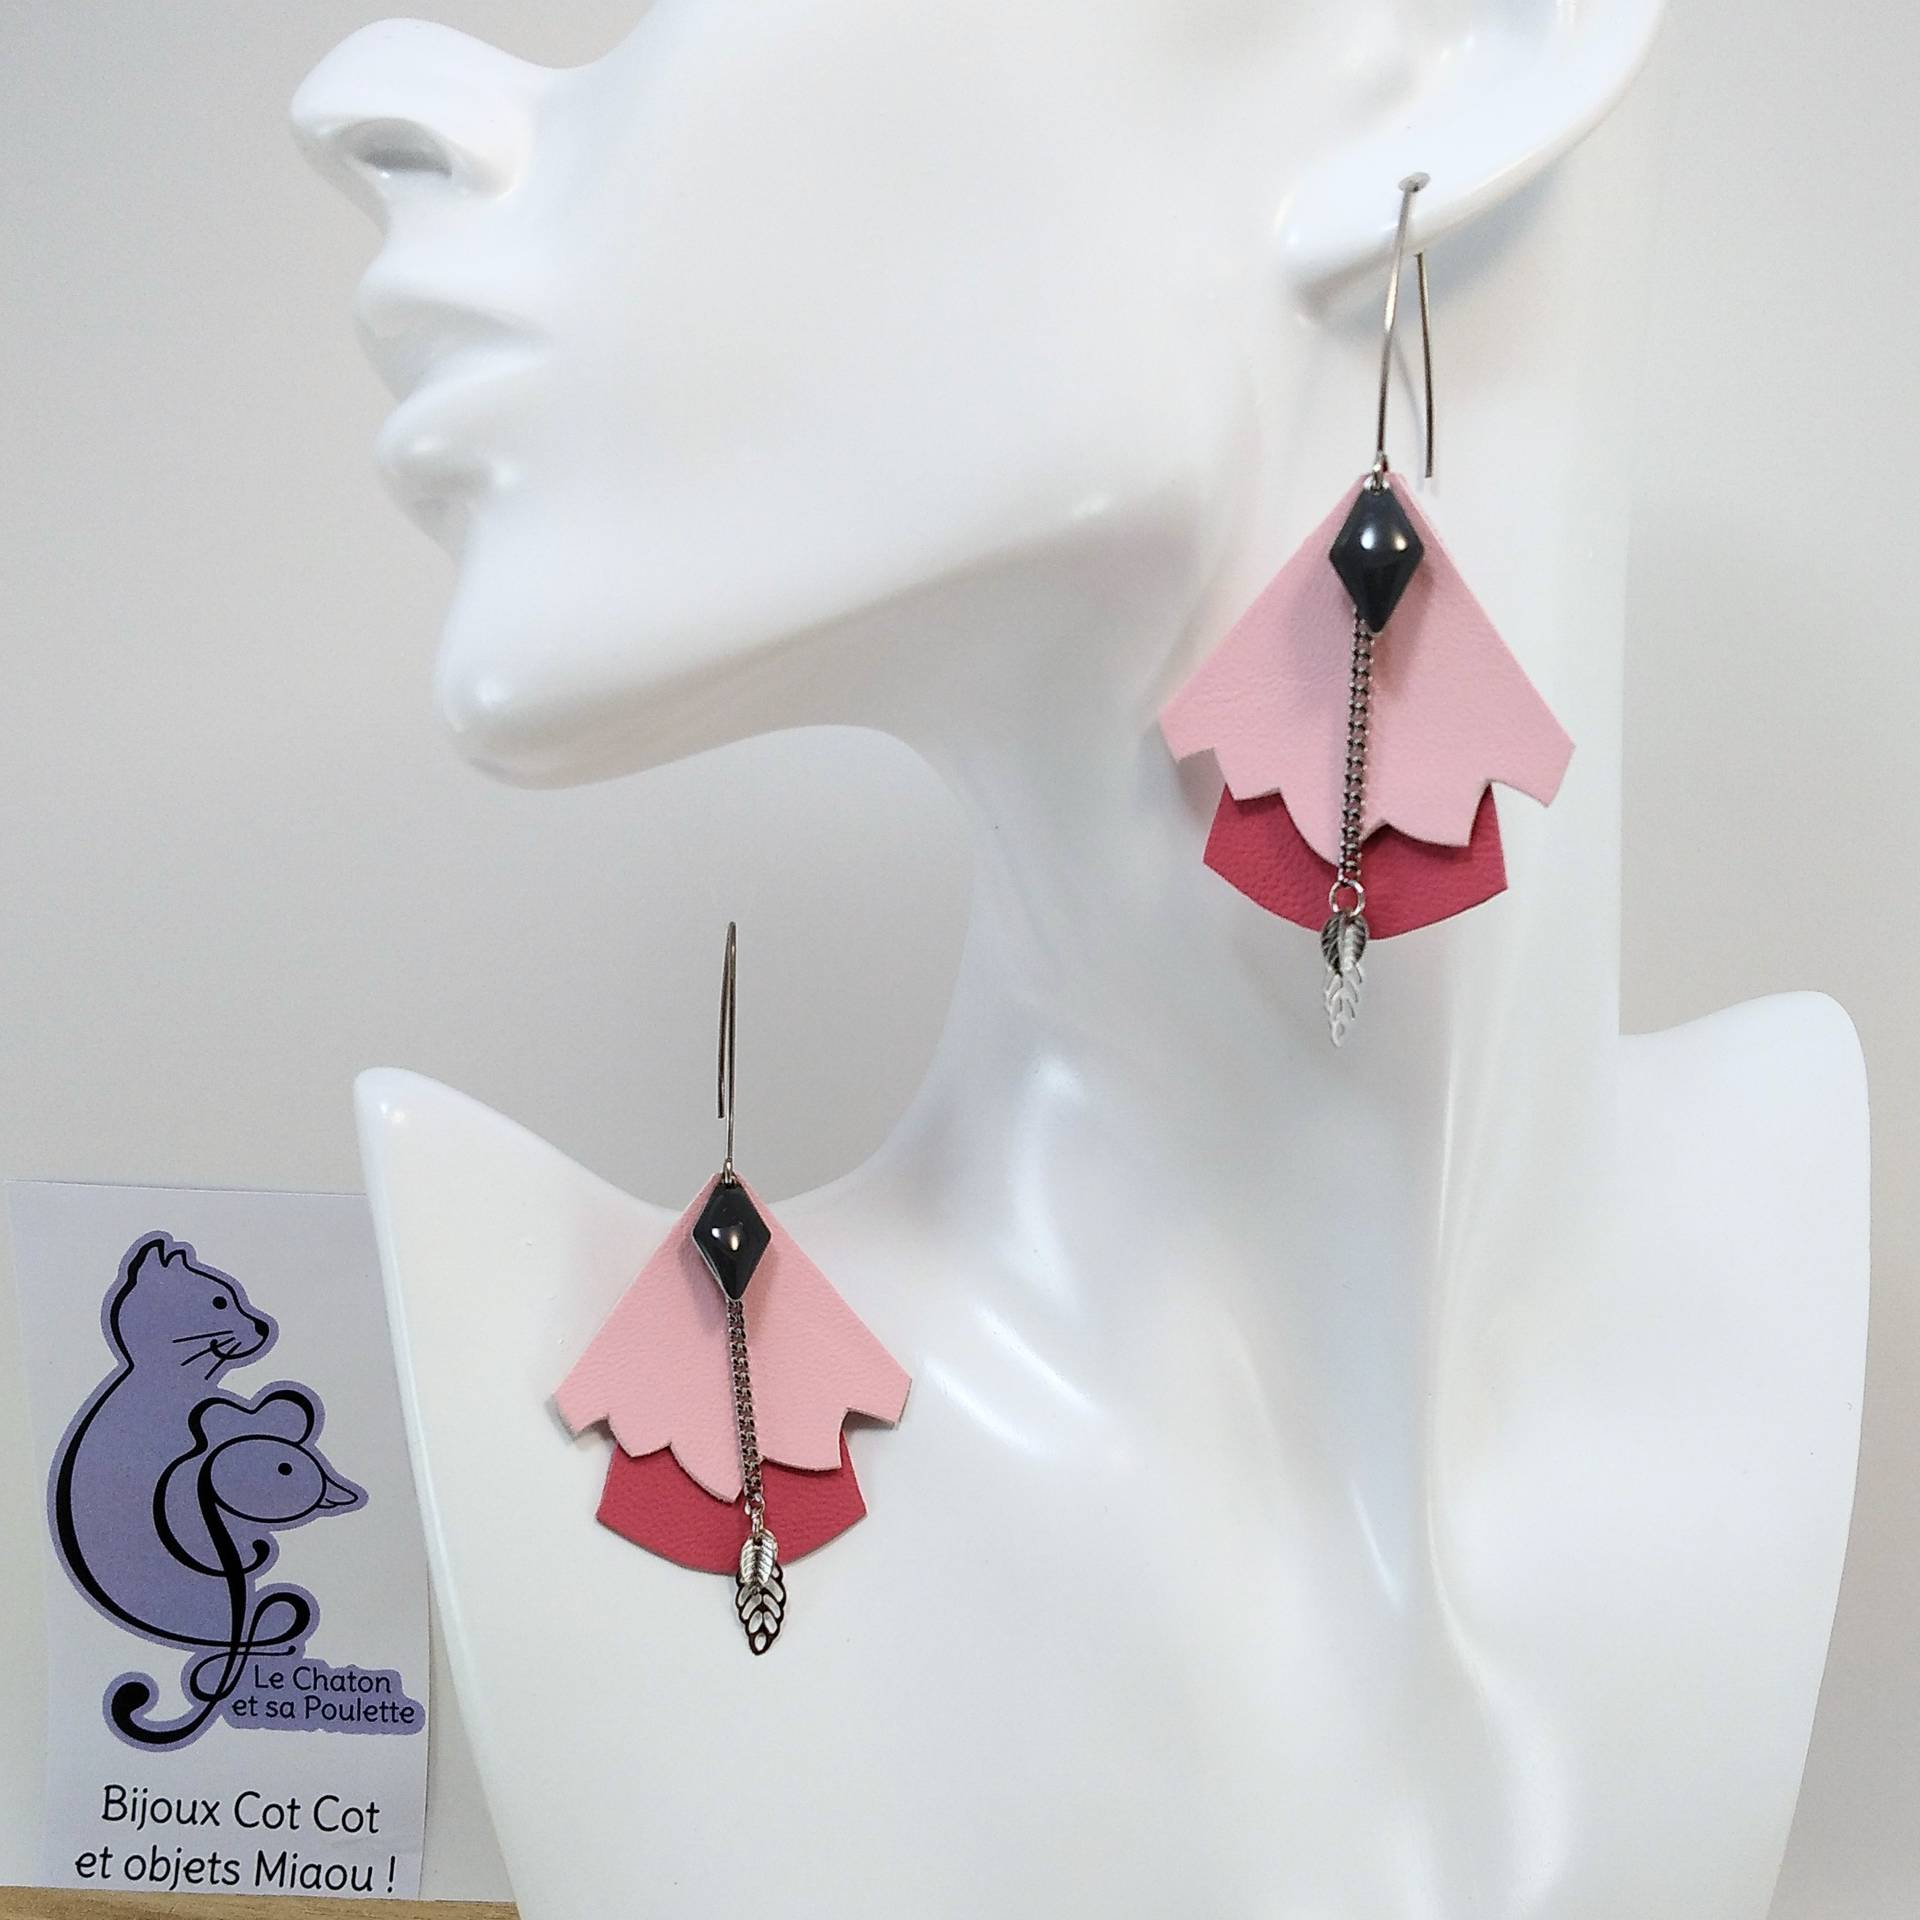 BO FORMIDABLE modèle n°5 Cuirs rose dragée et rose, breloque diamant gris